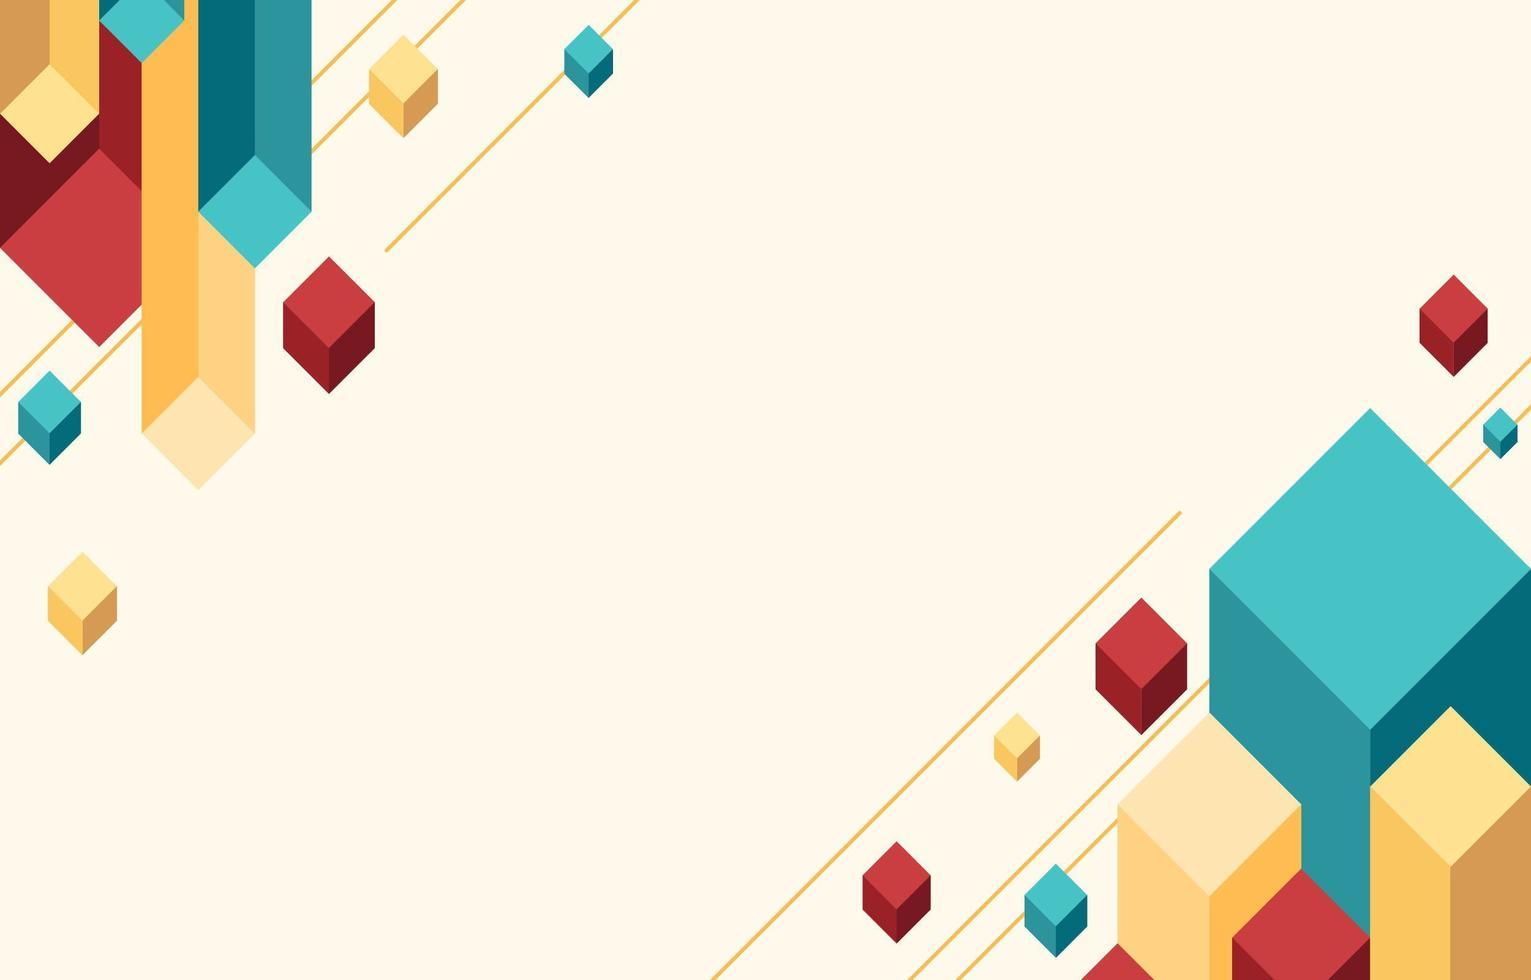 bunter geometrischer isometrischer Hintergrund vektor